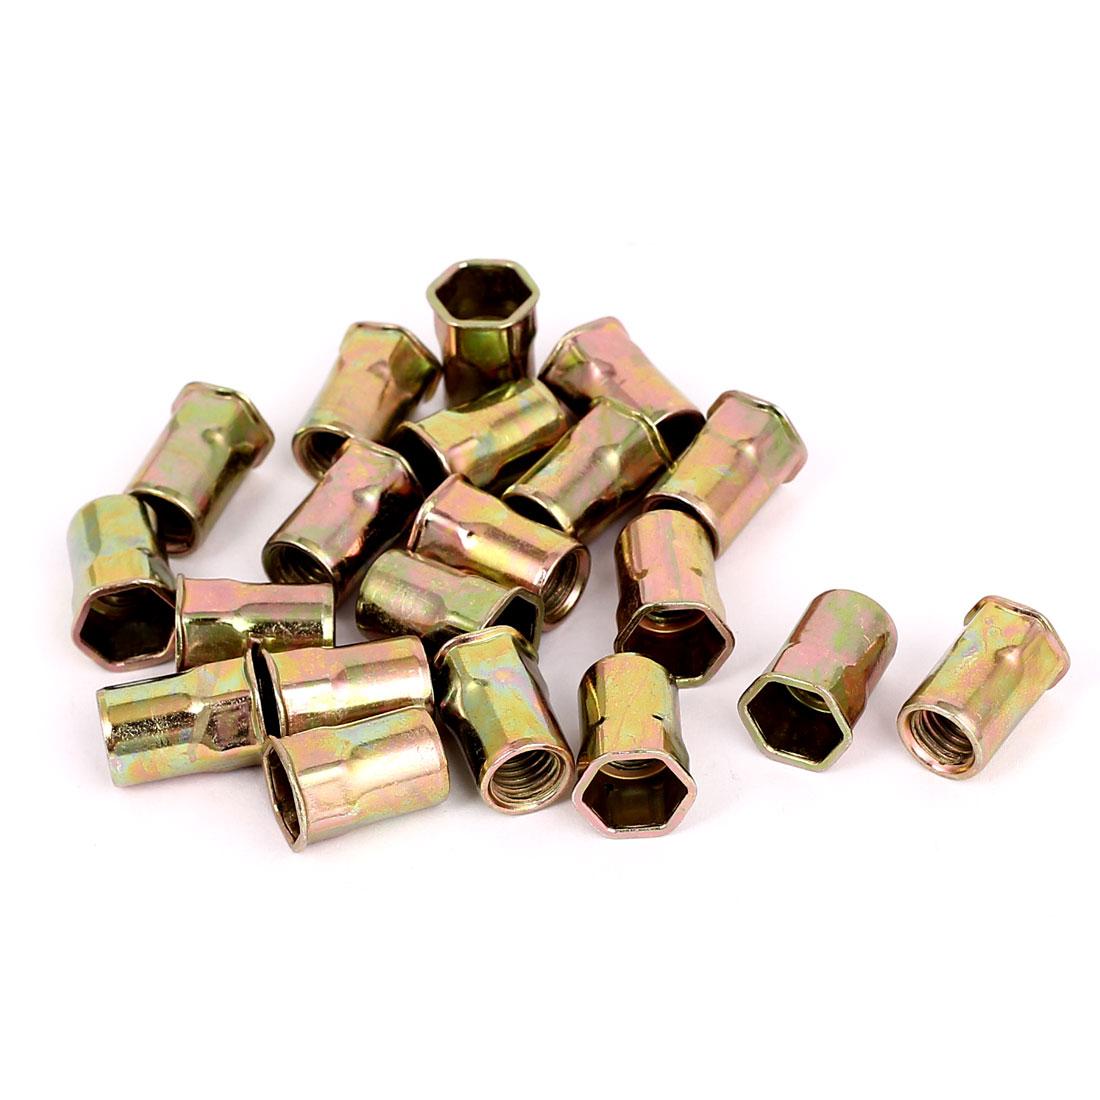 20pcs M8 Reduced Head Inner Hex Body Threaded Rivet Nuts Hexsert Nut Nutserts